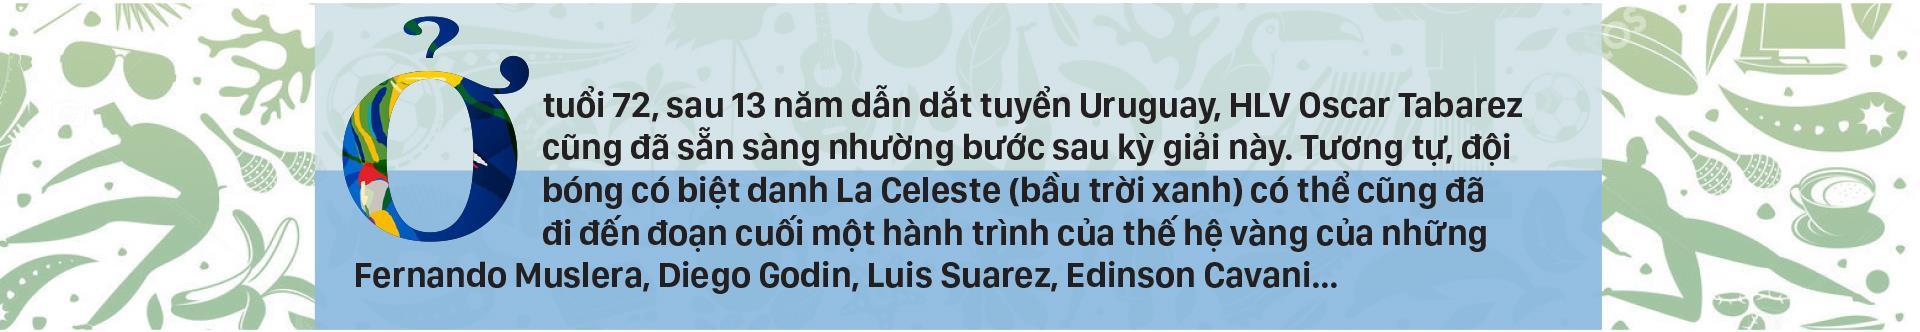 Bảng C: URUGUAY Cơ hội cuối cho thế hệ Suarez, Cavani ảnh 1